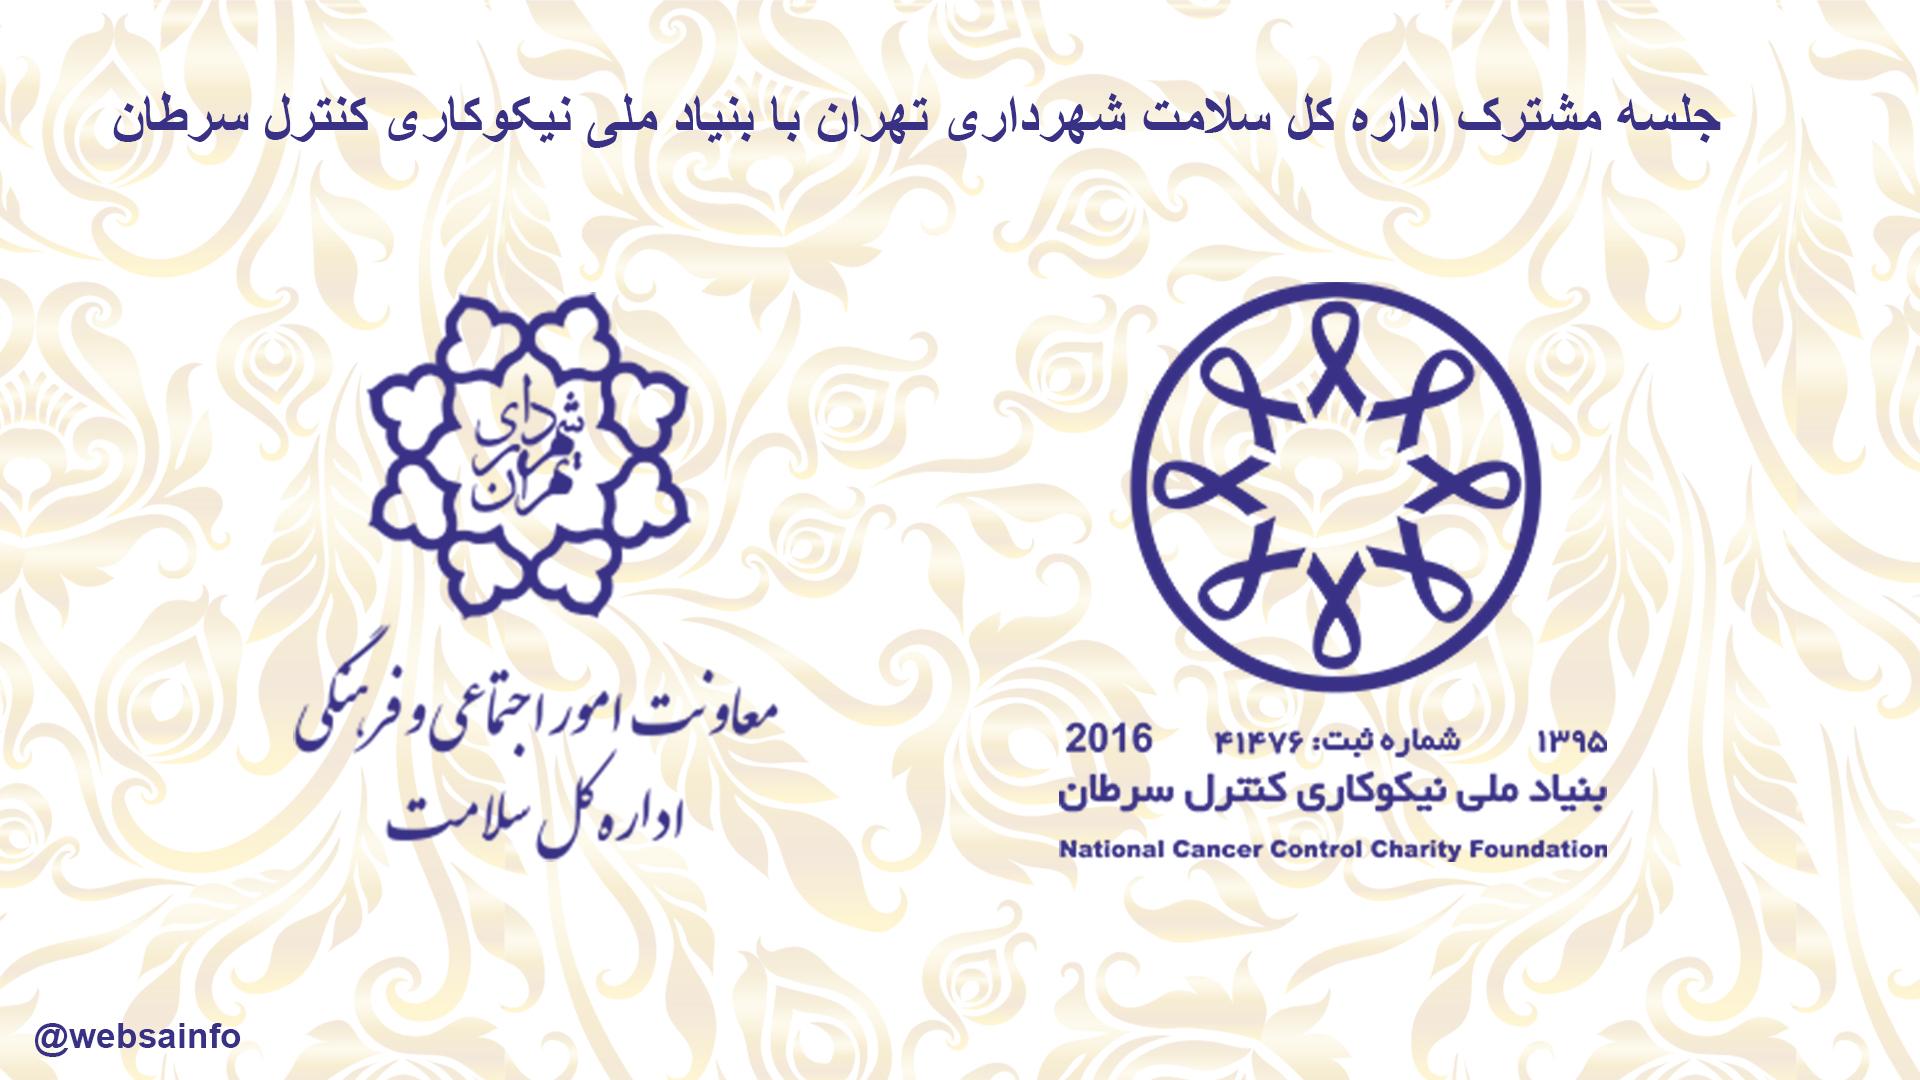 جلسه مشترک اداره کل سلامت شهرداری تهران با بنیاد ملی نیکوکاری کنترل سرطان مورخ ۹۸/۲/۲۸